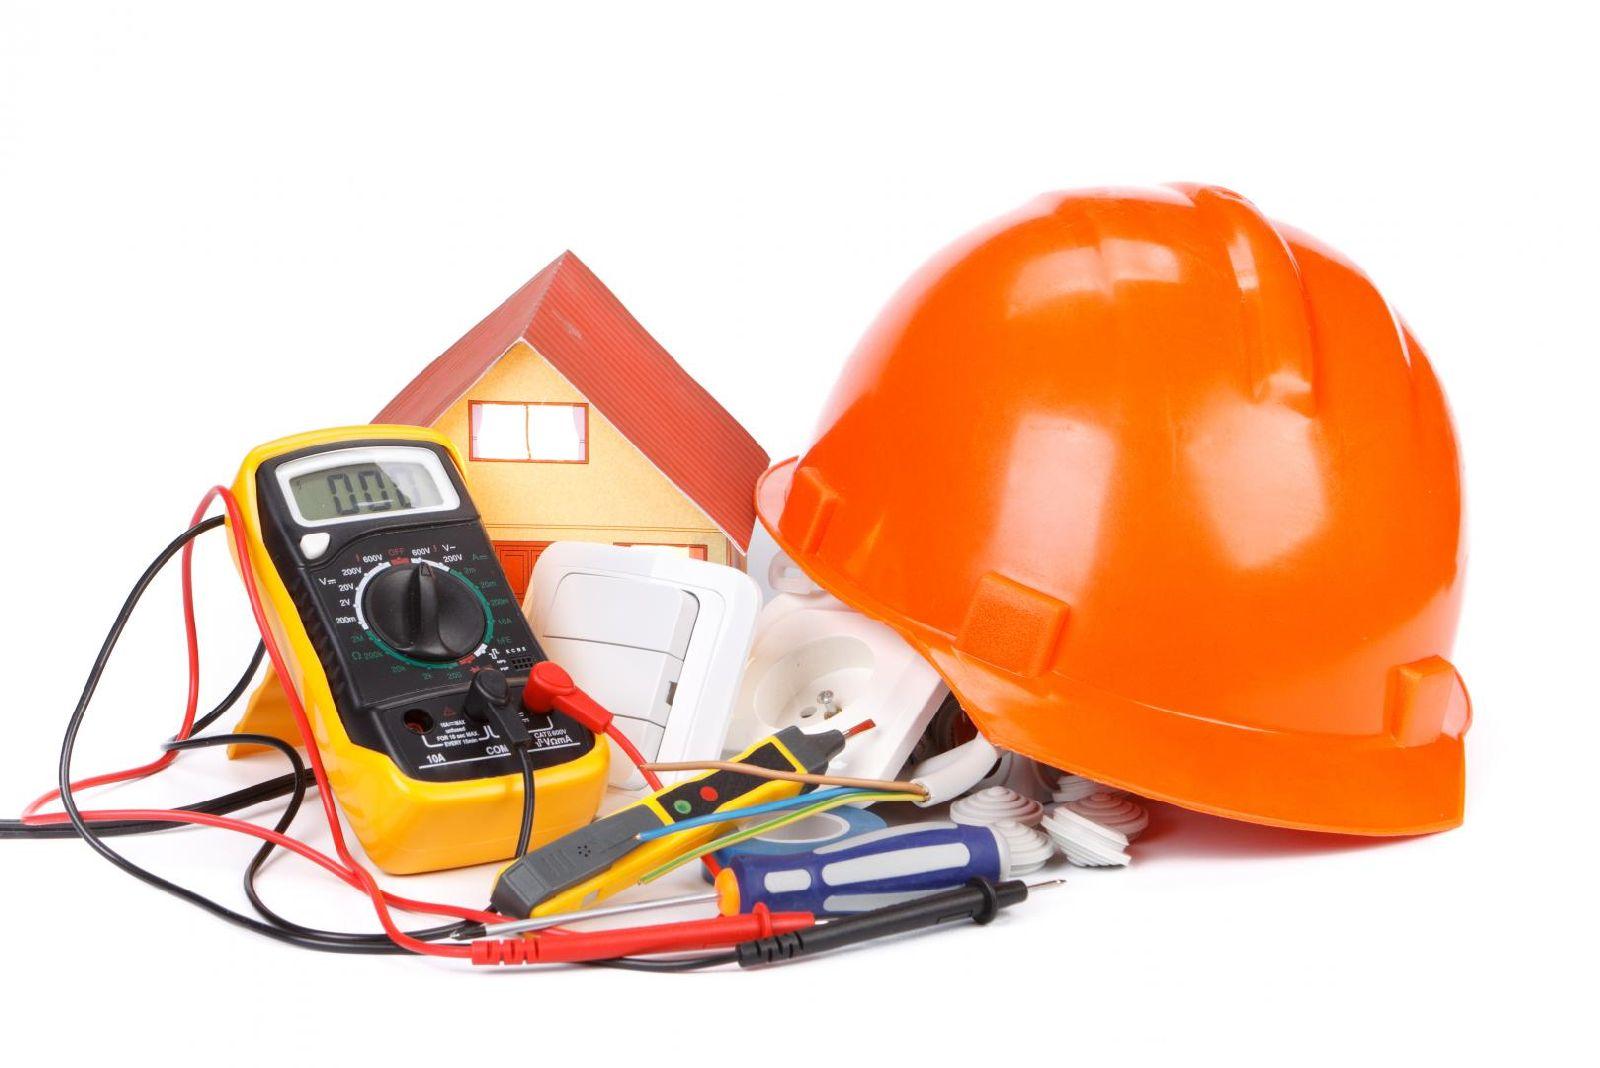 EDF Paris : mieux régler ses appareils électriques permettent-ils de faire des économies d'électricité ?